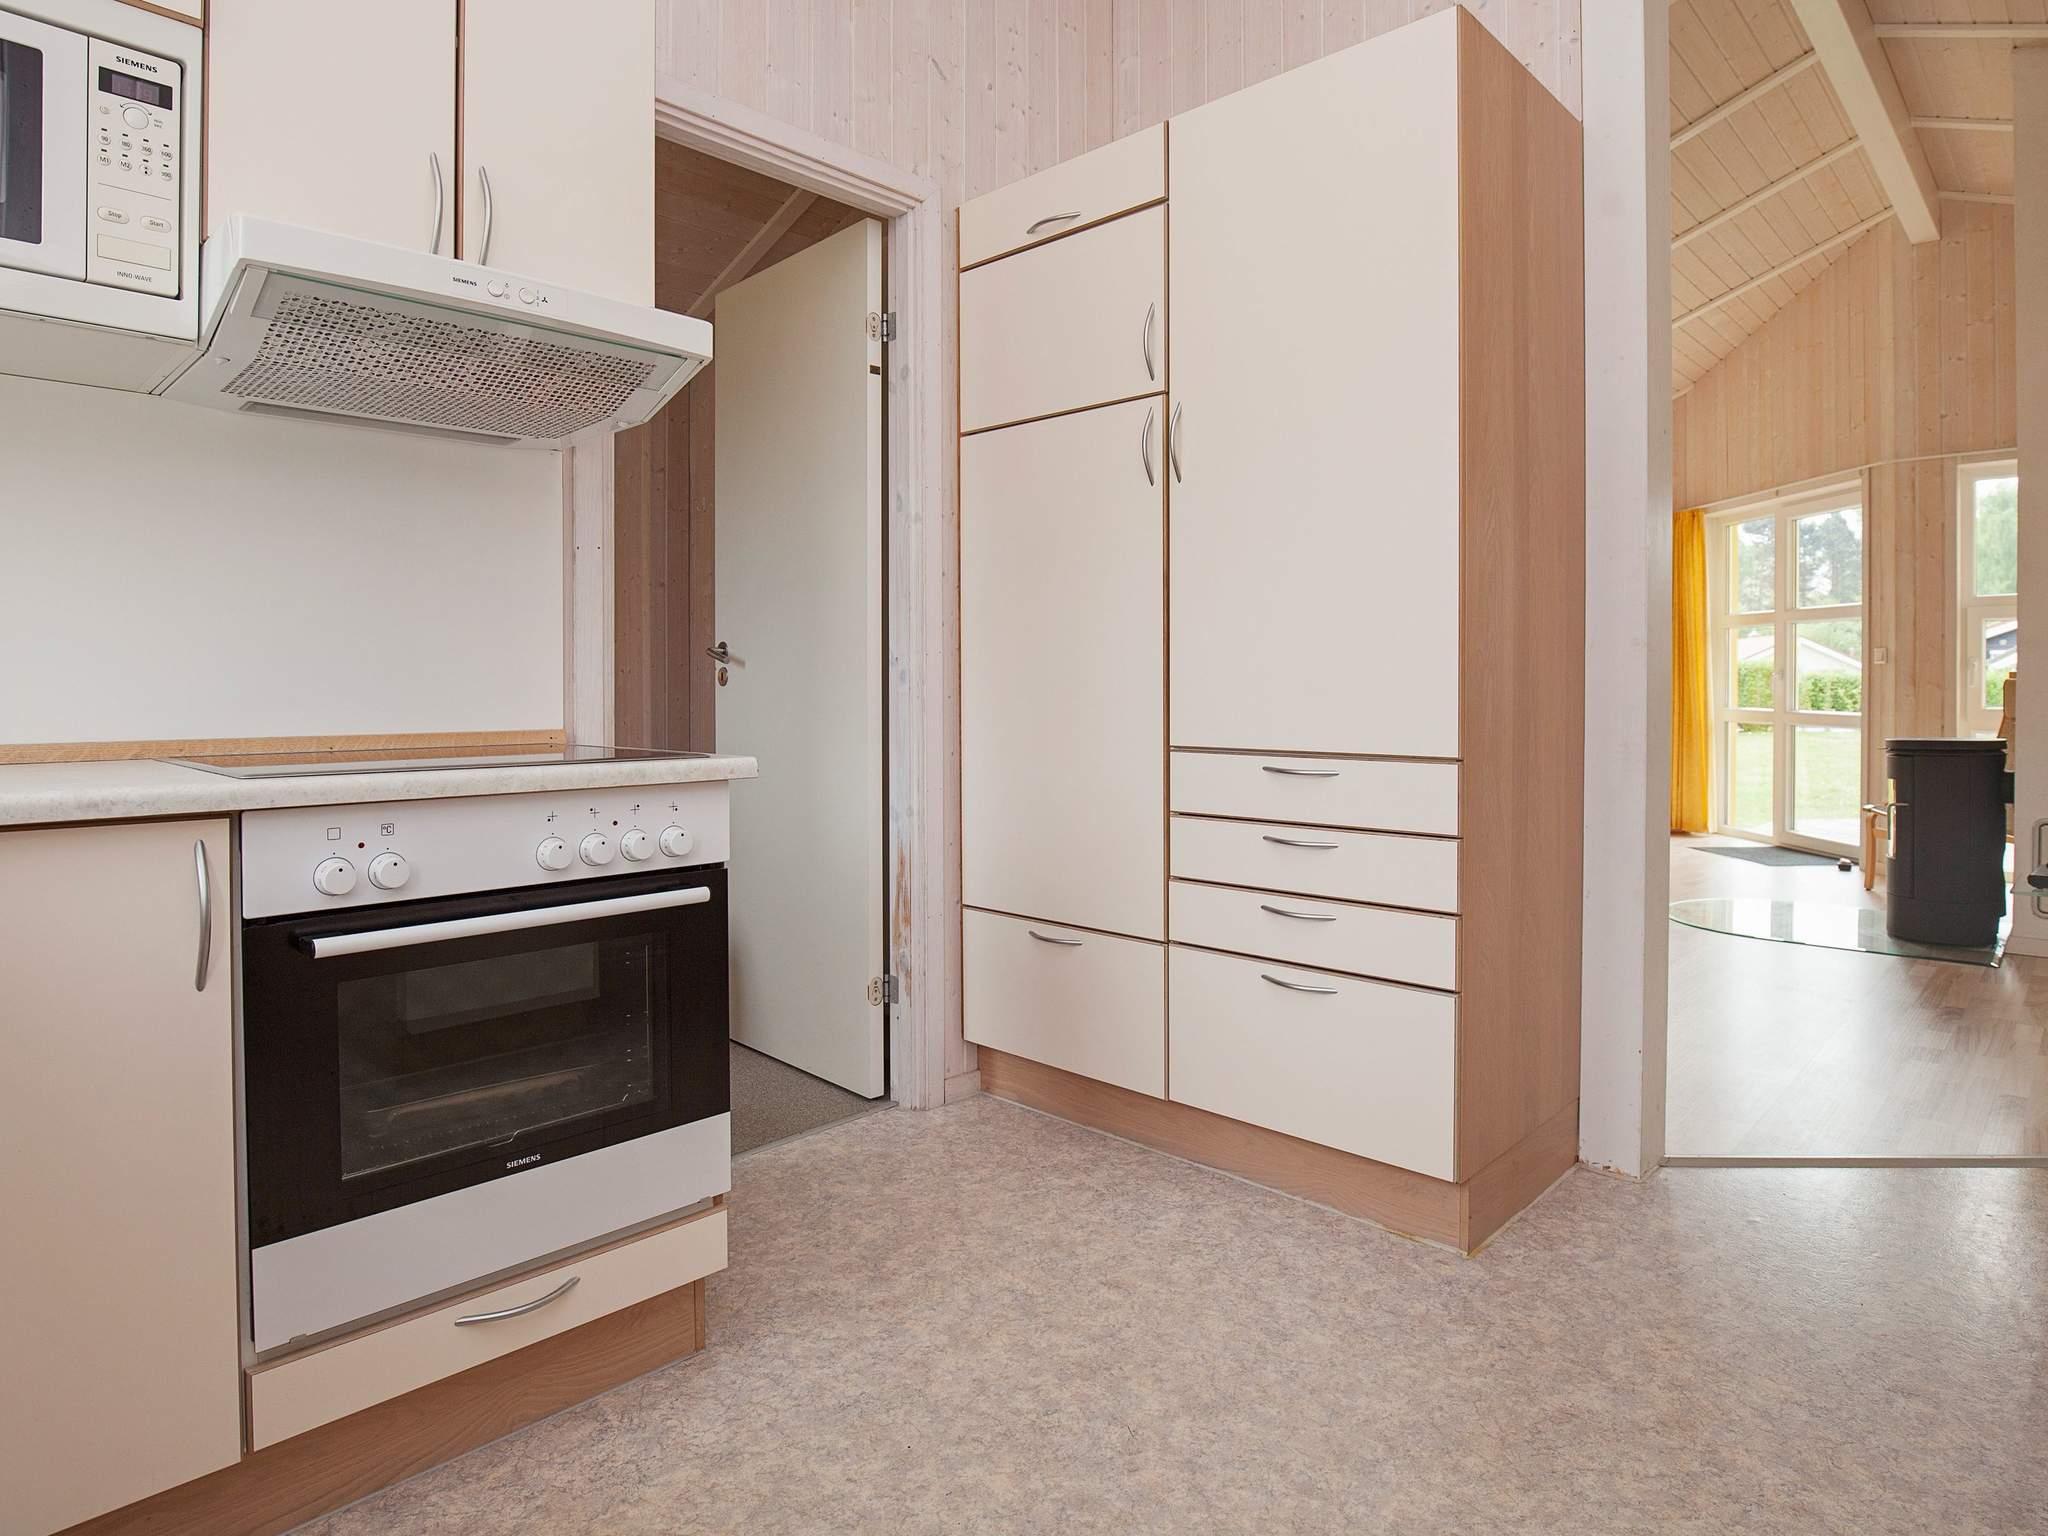 Maison de vacances Grömitz (359058), Grömitz, Baie de Lübeck, Schleswig-Holstein, Allemagne, image 8